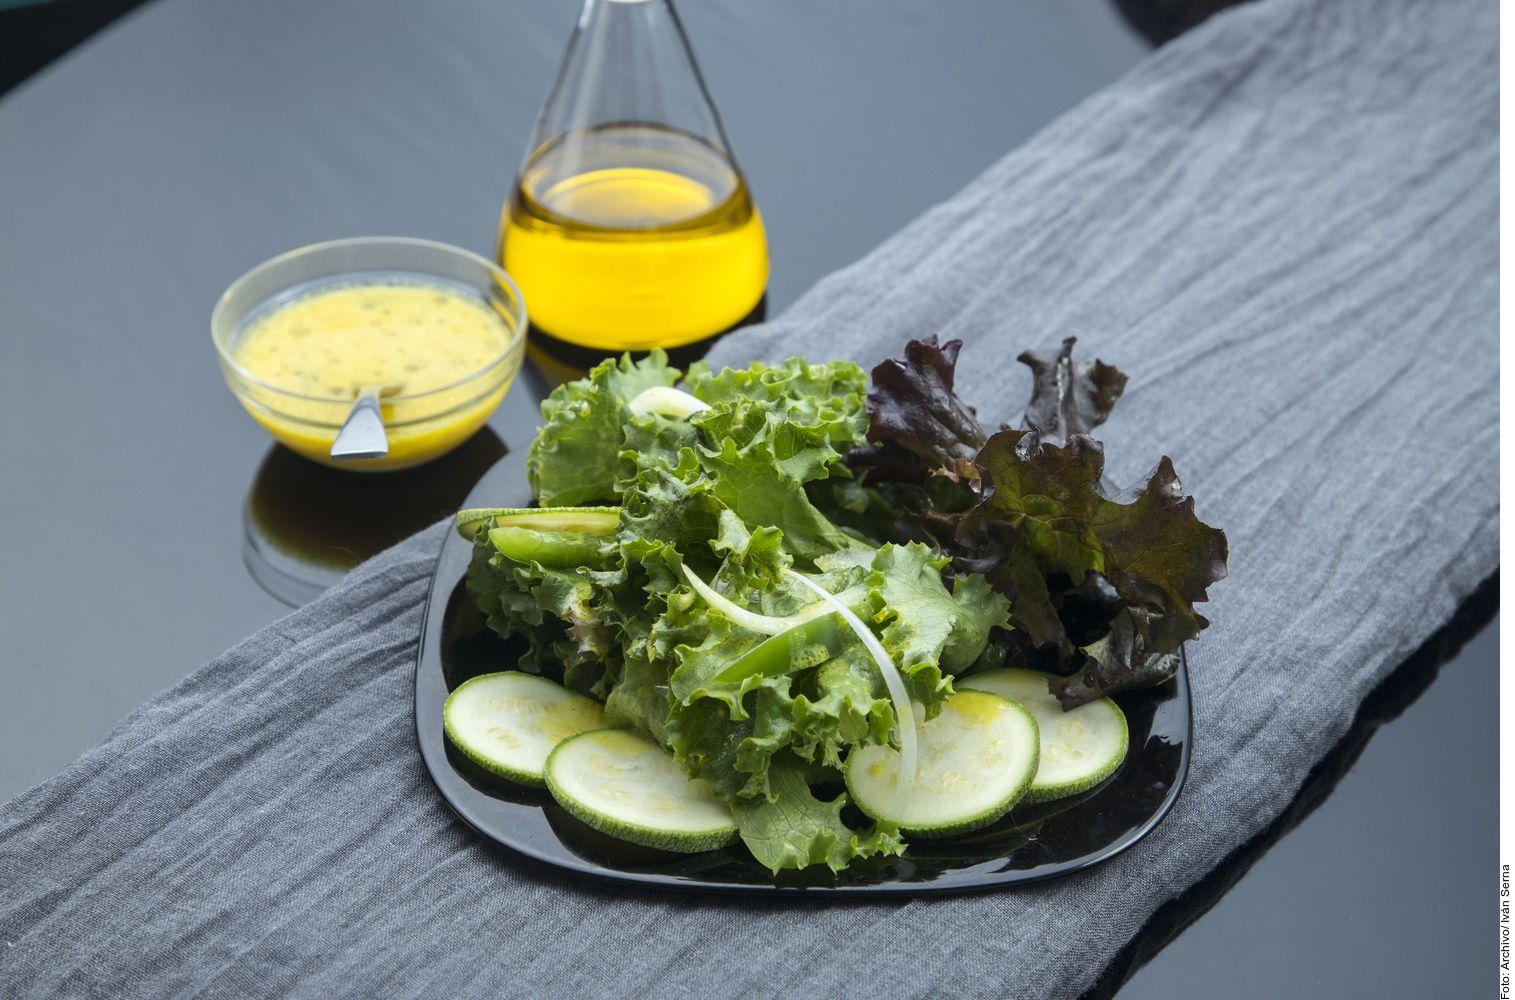 Para hacer una ensalada verde, usted debe lavar, desinfectar y trocear las lechugas. Mezclar con el resto de los ingredientes.